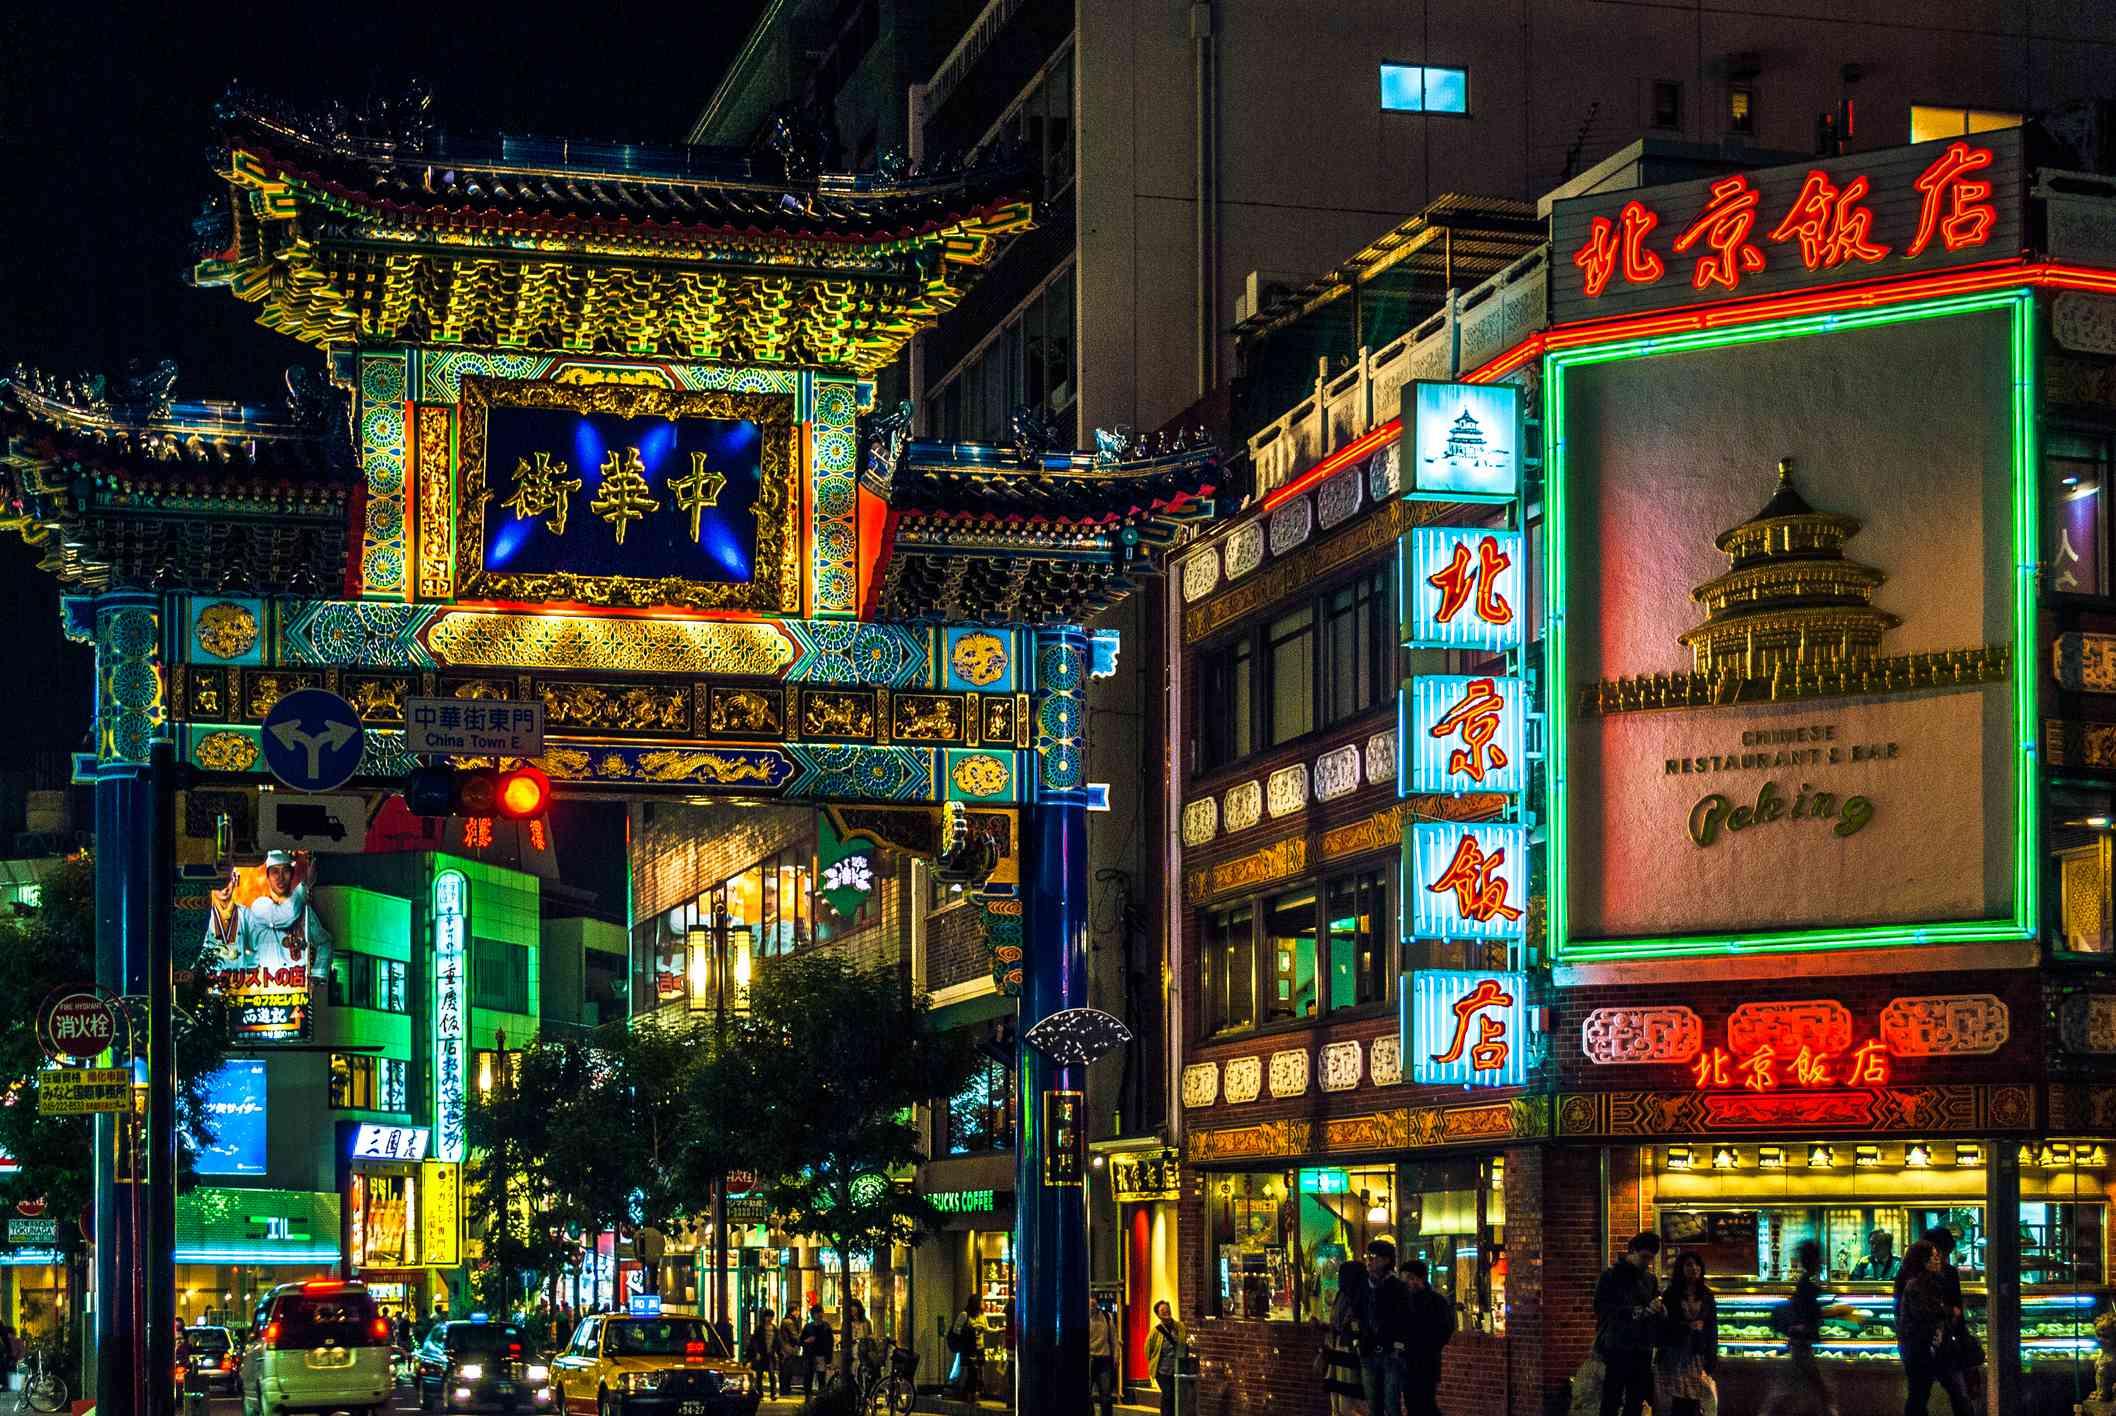 Illuminated gate to yokohama chinatown at night